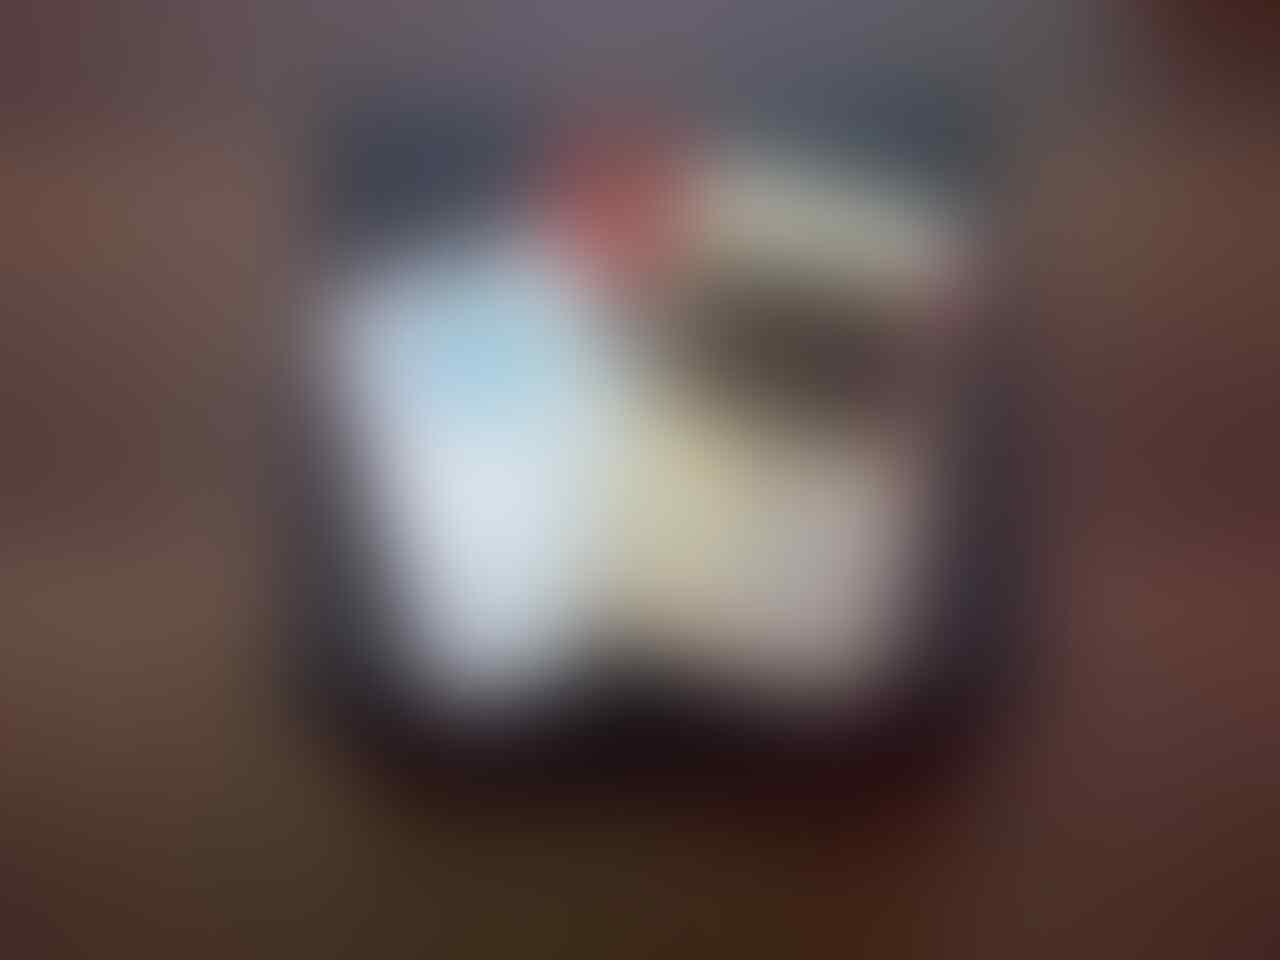 Terjual Blackberry Garansi Distributor Vip 2 Tahun Harga Reseller 9790 Belagio 1 Masuk Gan